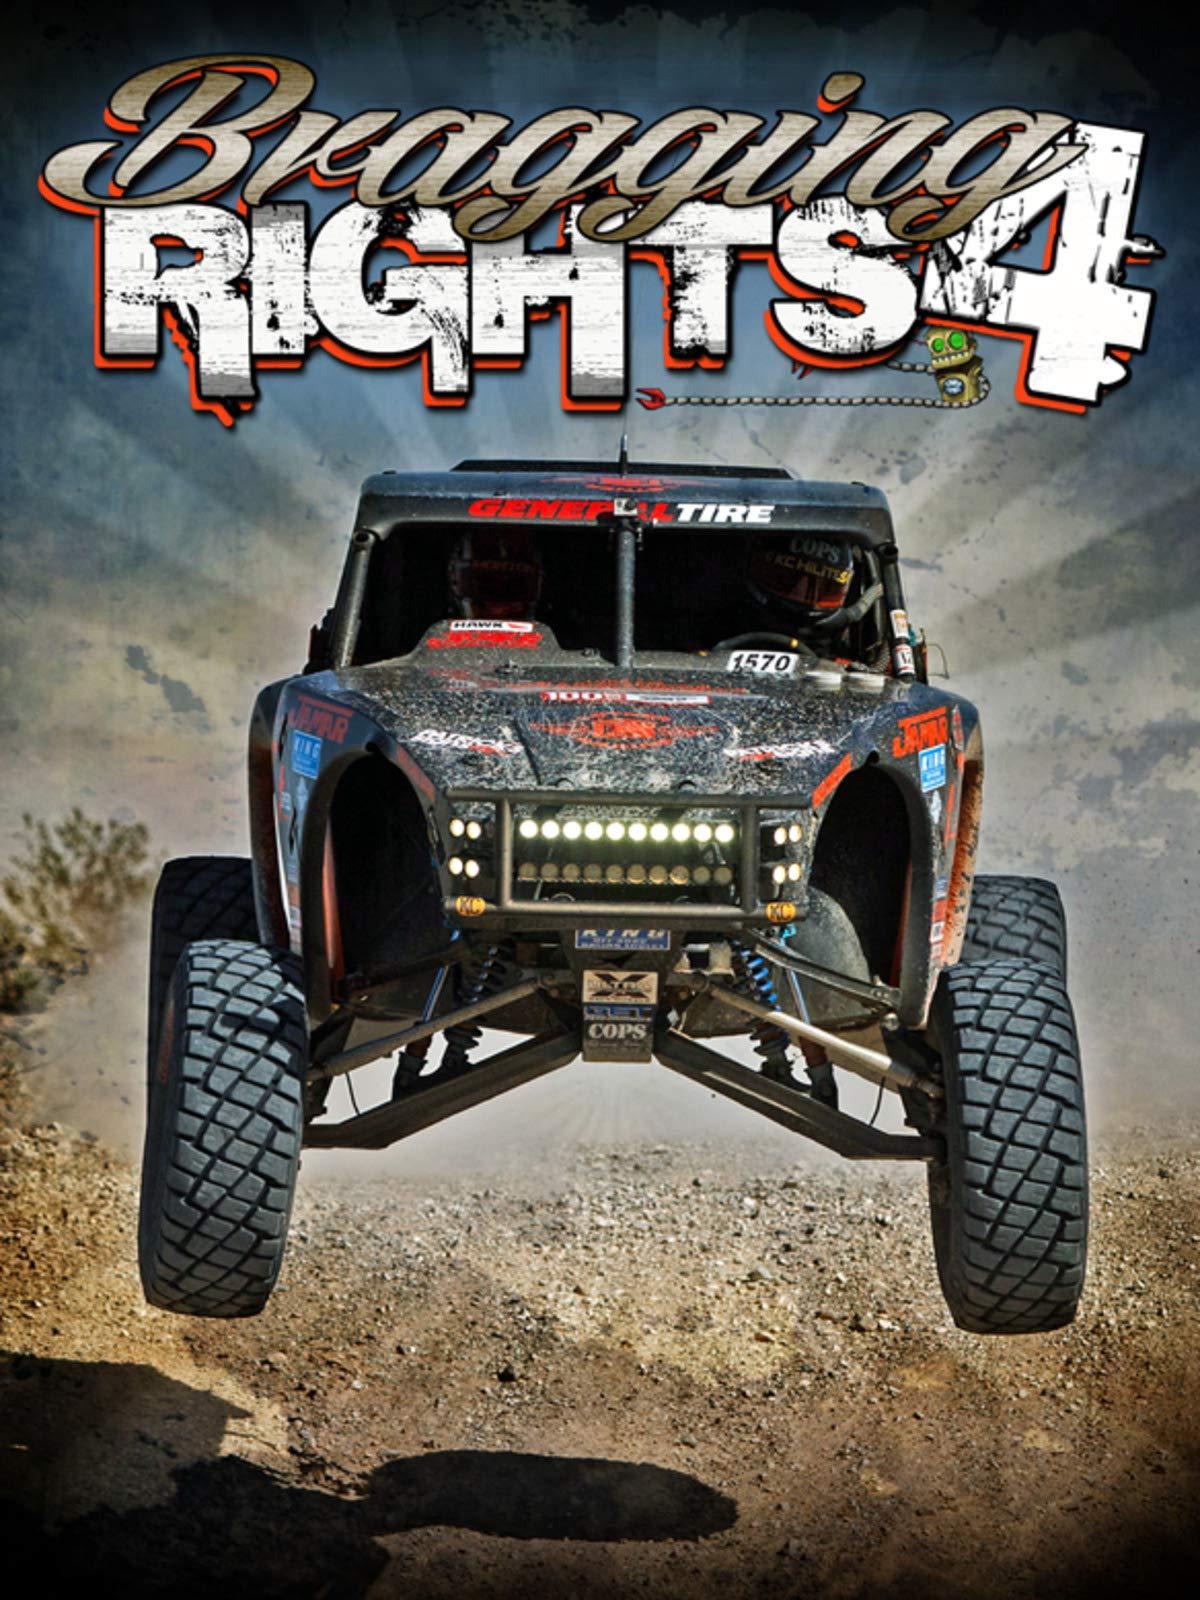 Bragging Rights 4